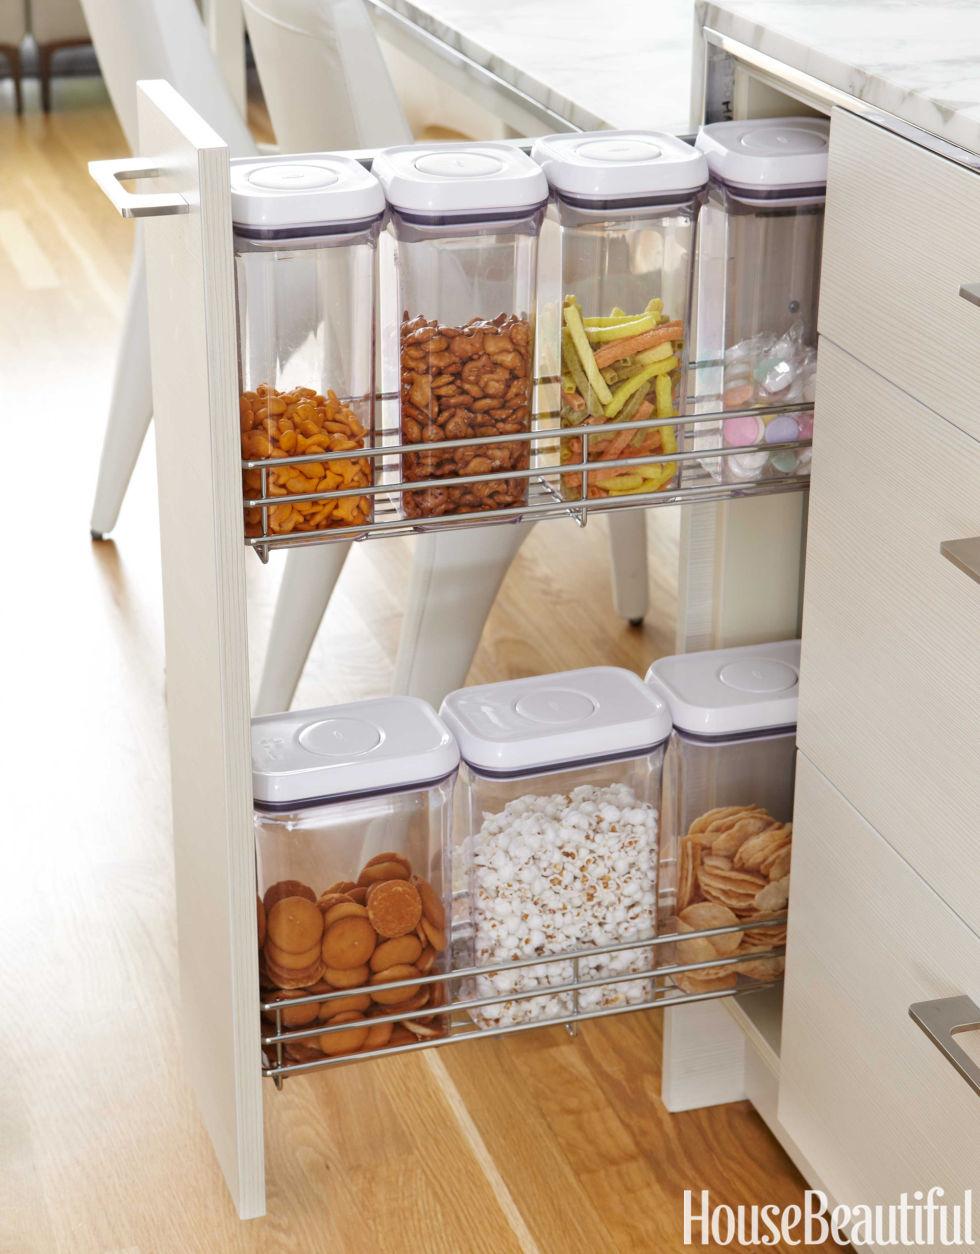 54c1787d4d8e0 05 hbx pull out snack drawers 0215 de 8 Maneiras Rápidas de Organizar sua Cozinha